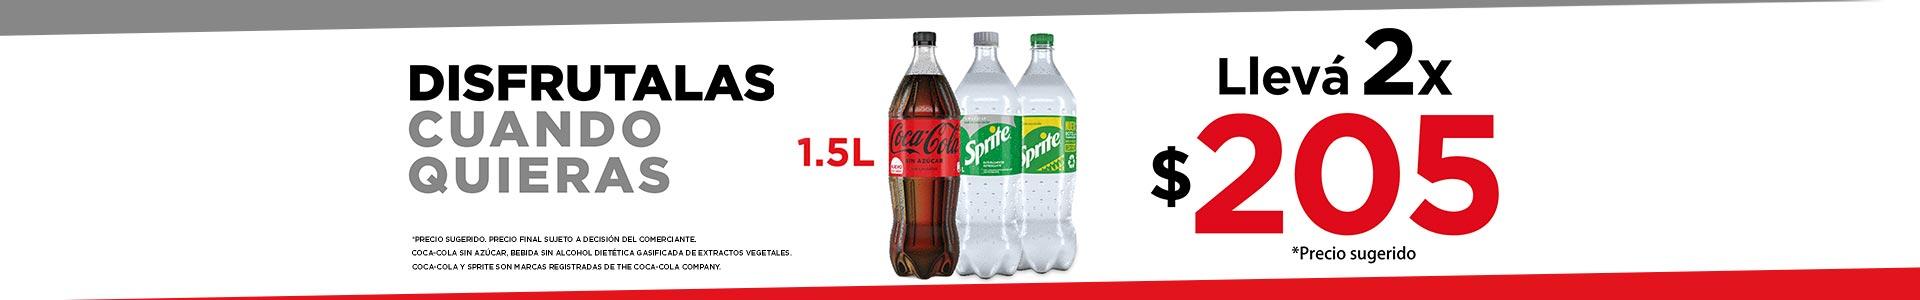 Promo Coca Cola